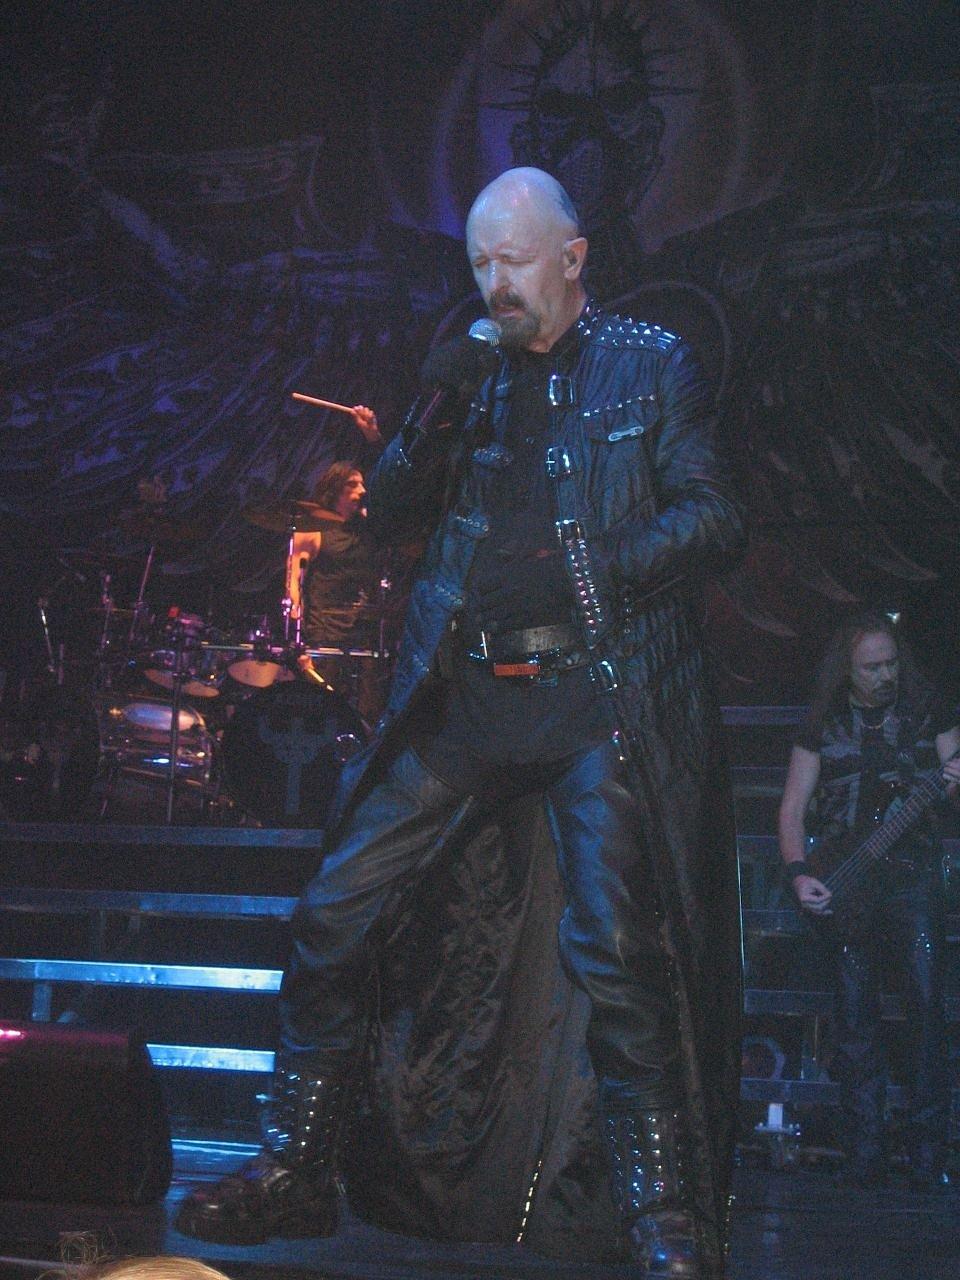 Judas_Priest_Retribution_2005_Tour_Rob_Halford2.jpg